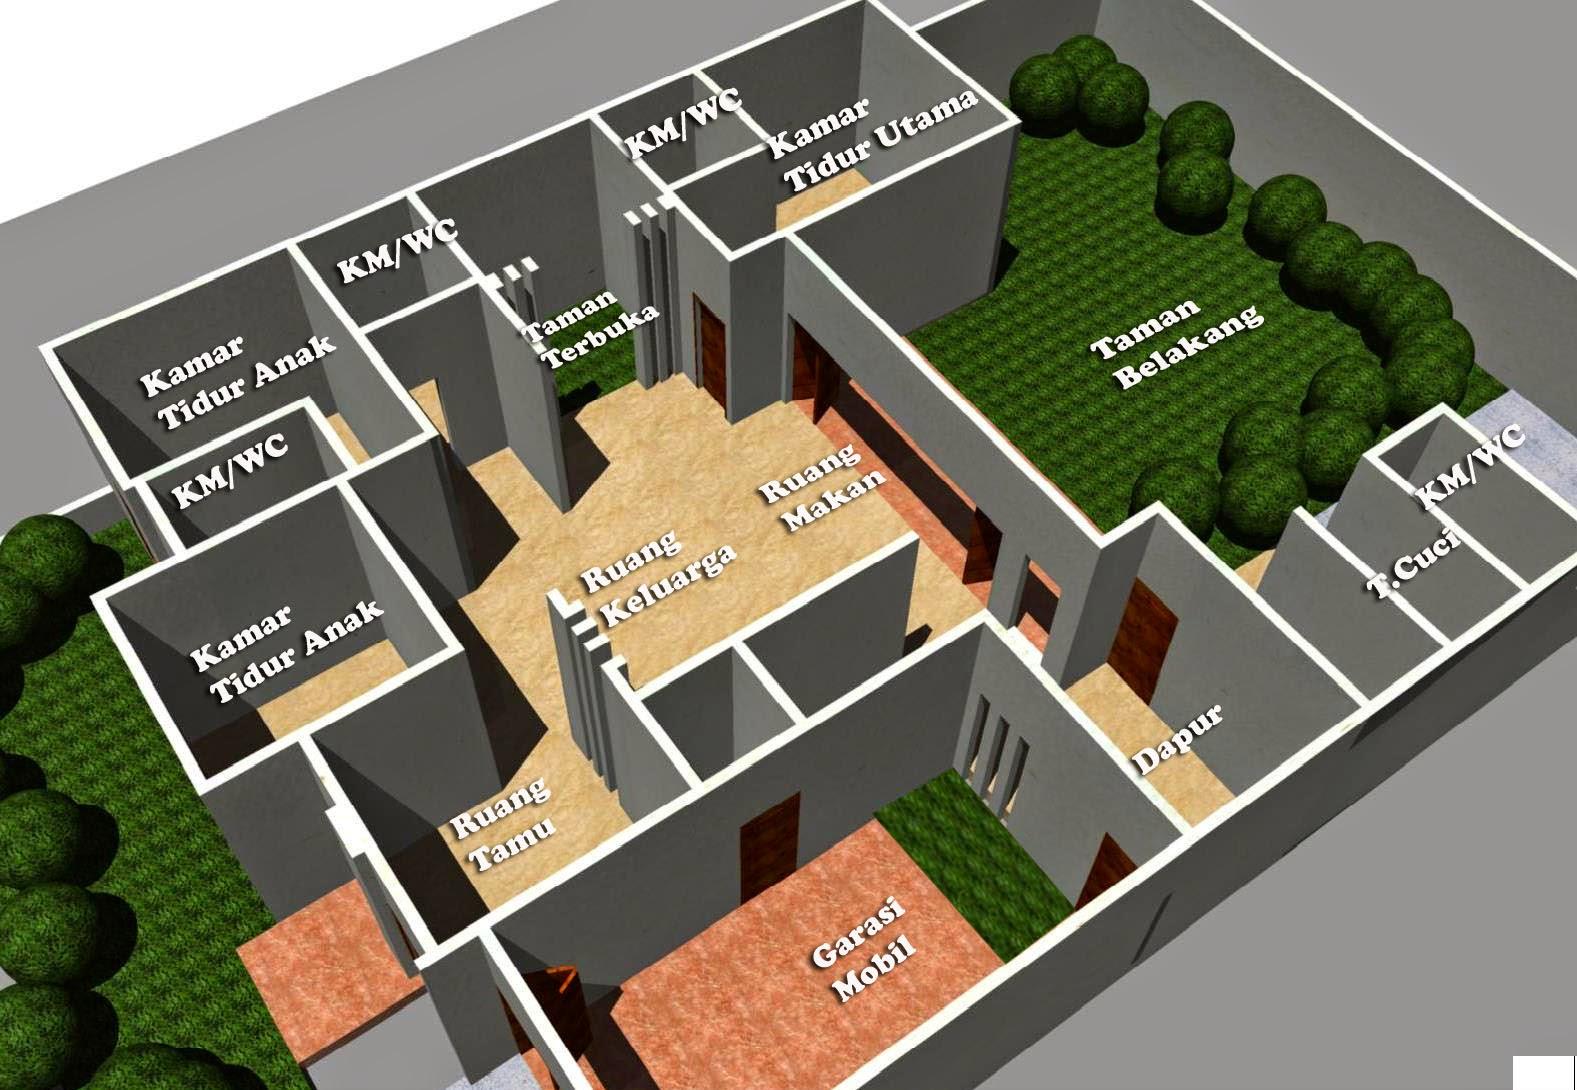 Desain Rumah Minimalis 1 Lantai 5 Kamar & Desain Rumah Minimalis 1 Lantai 5 Kamar - Gambar Foto Desain Rumah